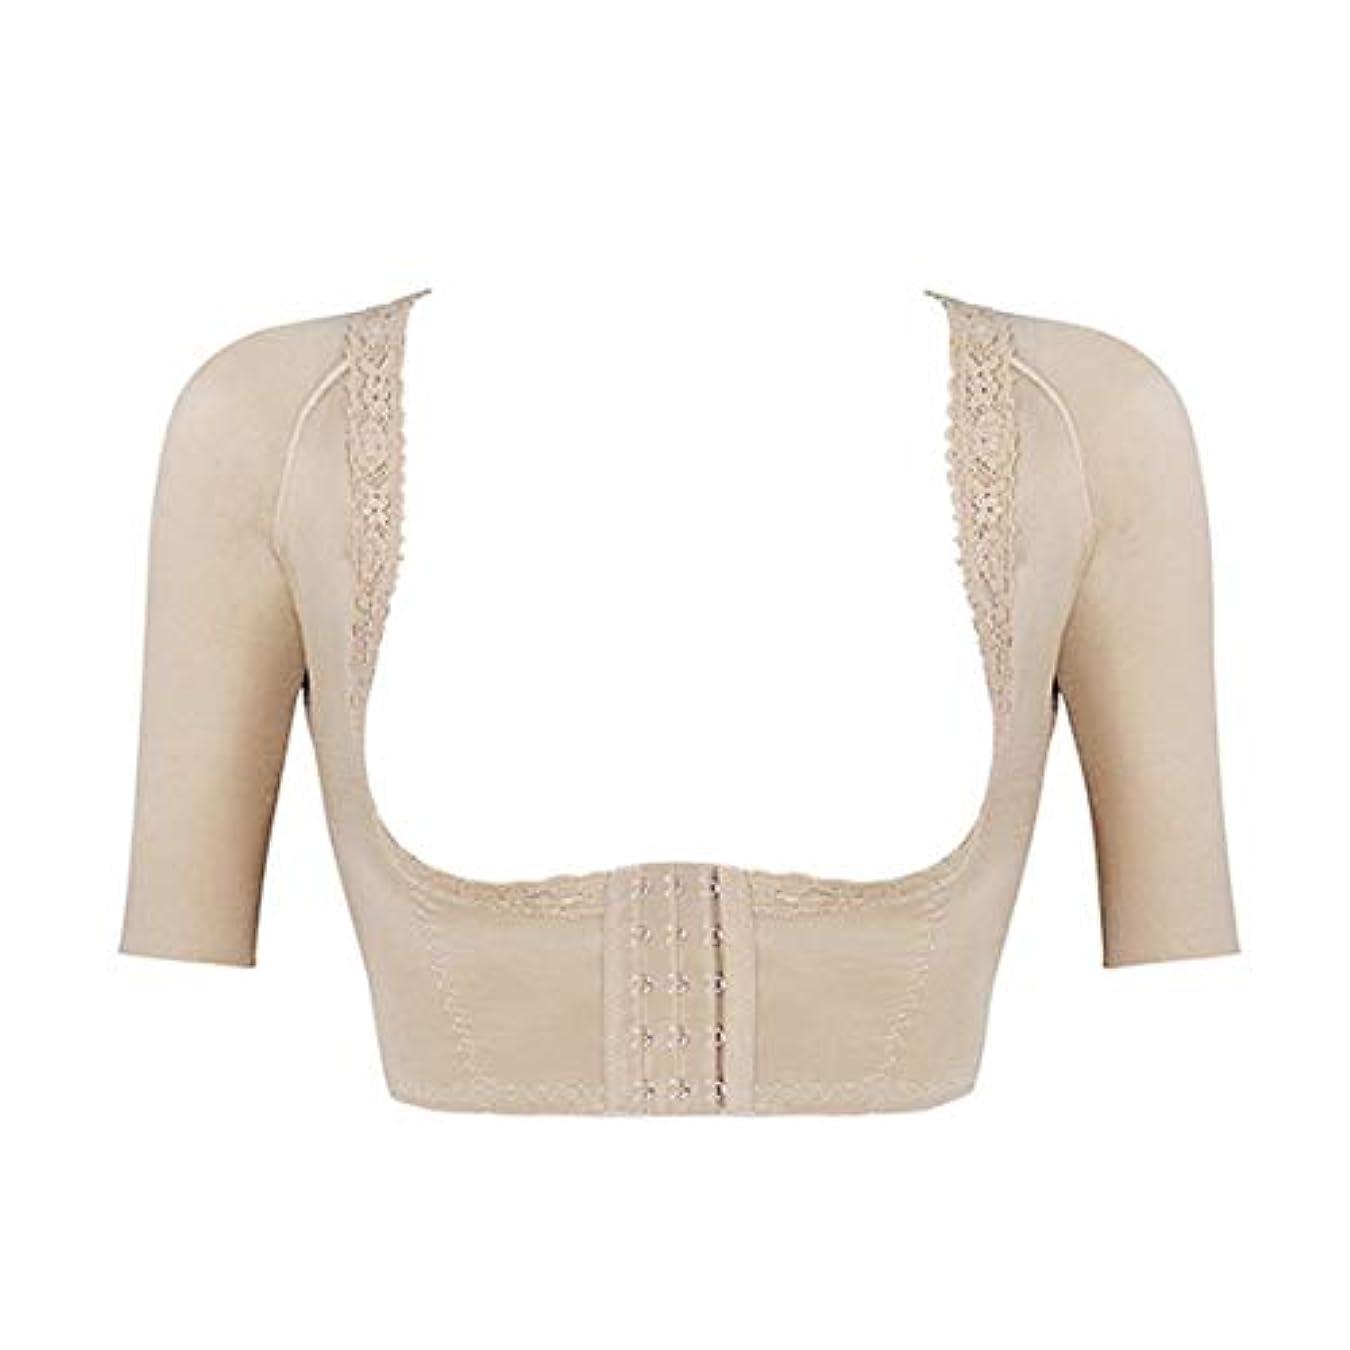 カタログデッキフィード女性のボディシェイパートップス快適な女性の腕の脂肪燃焼乳房リフトシェイプウェアスリムトレーナーコルセット-スキンカラー-70